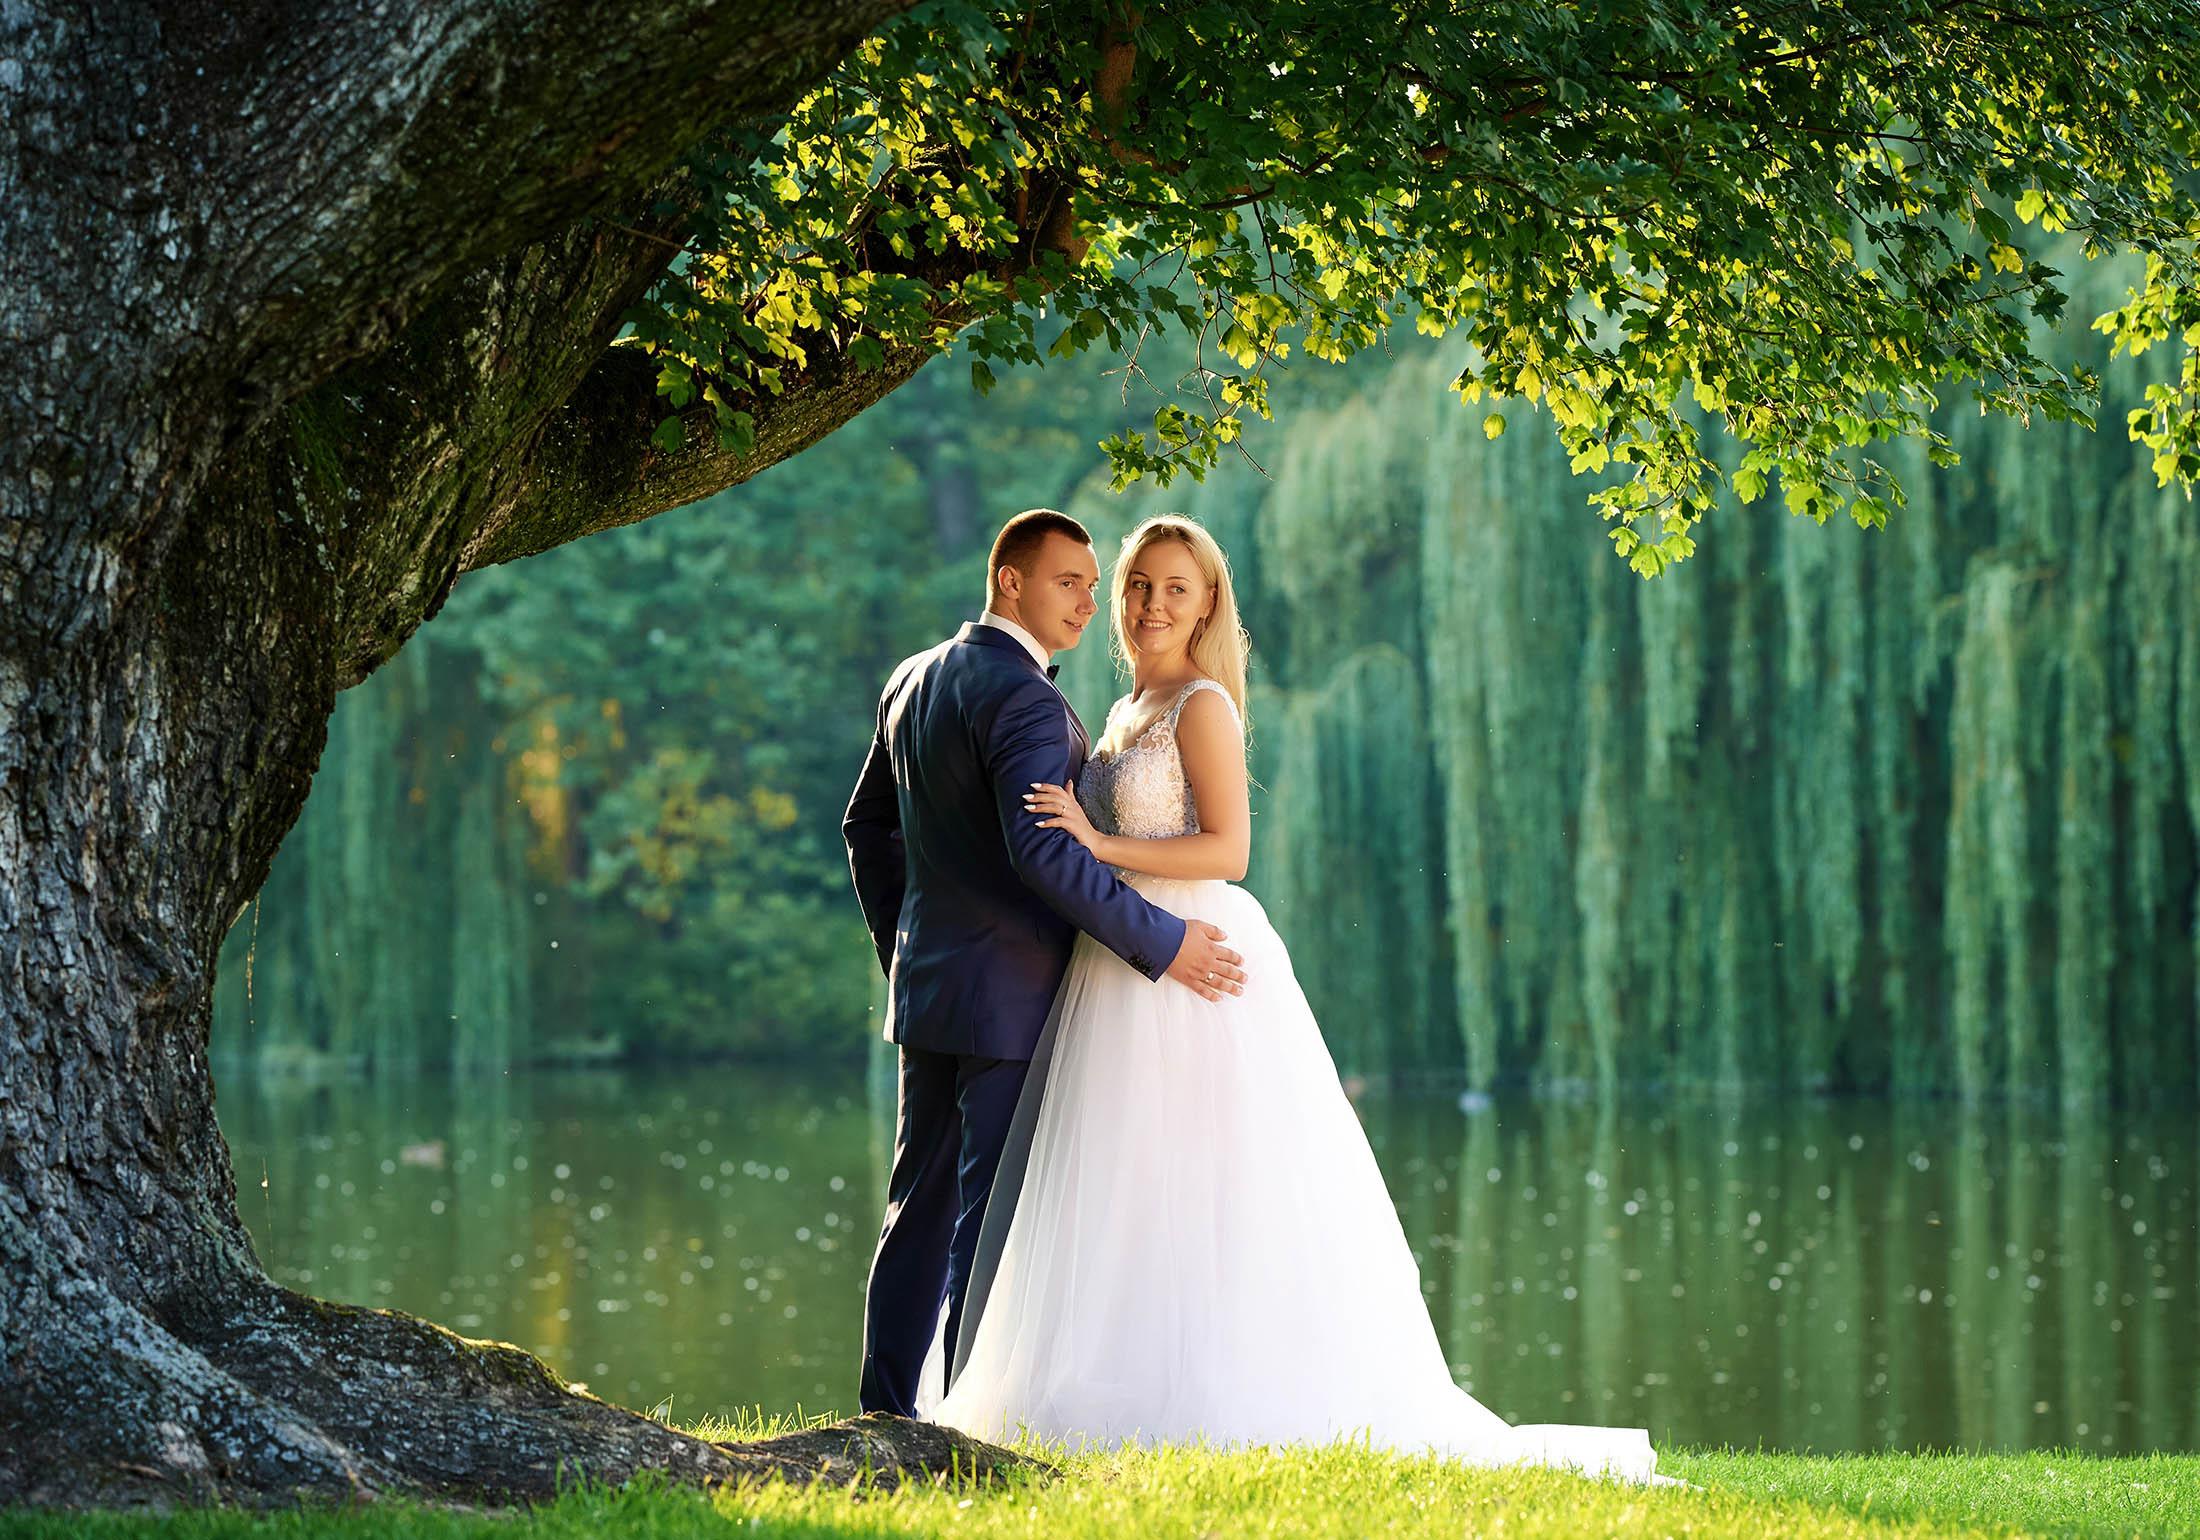 Zdjęcia ślubne, emocjonalne spojrzenia – Patrycja i Maciej